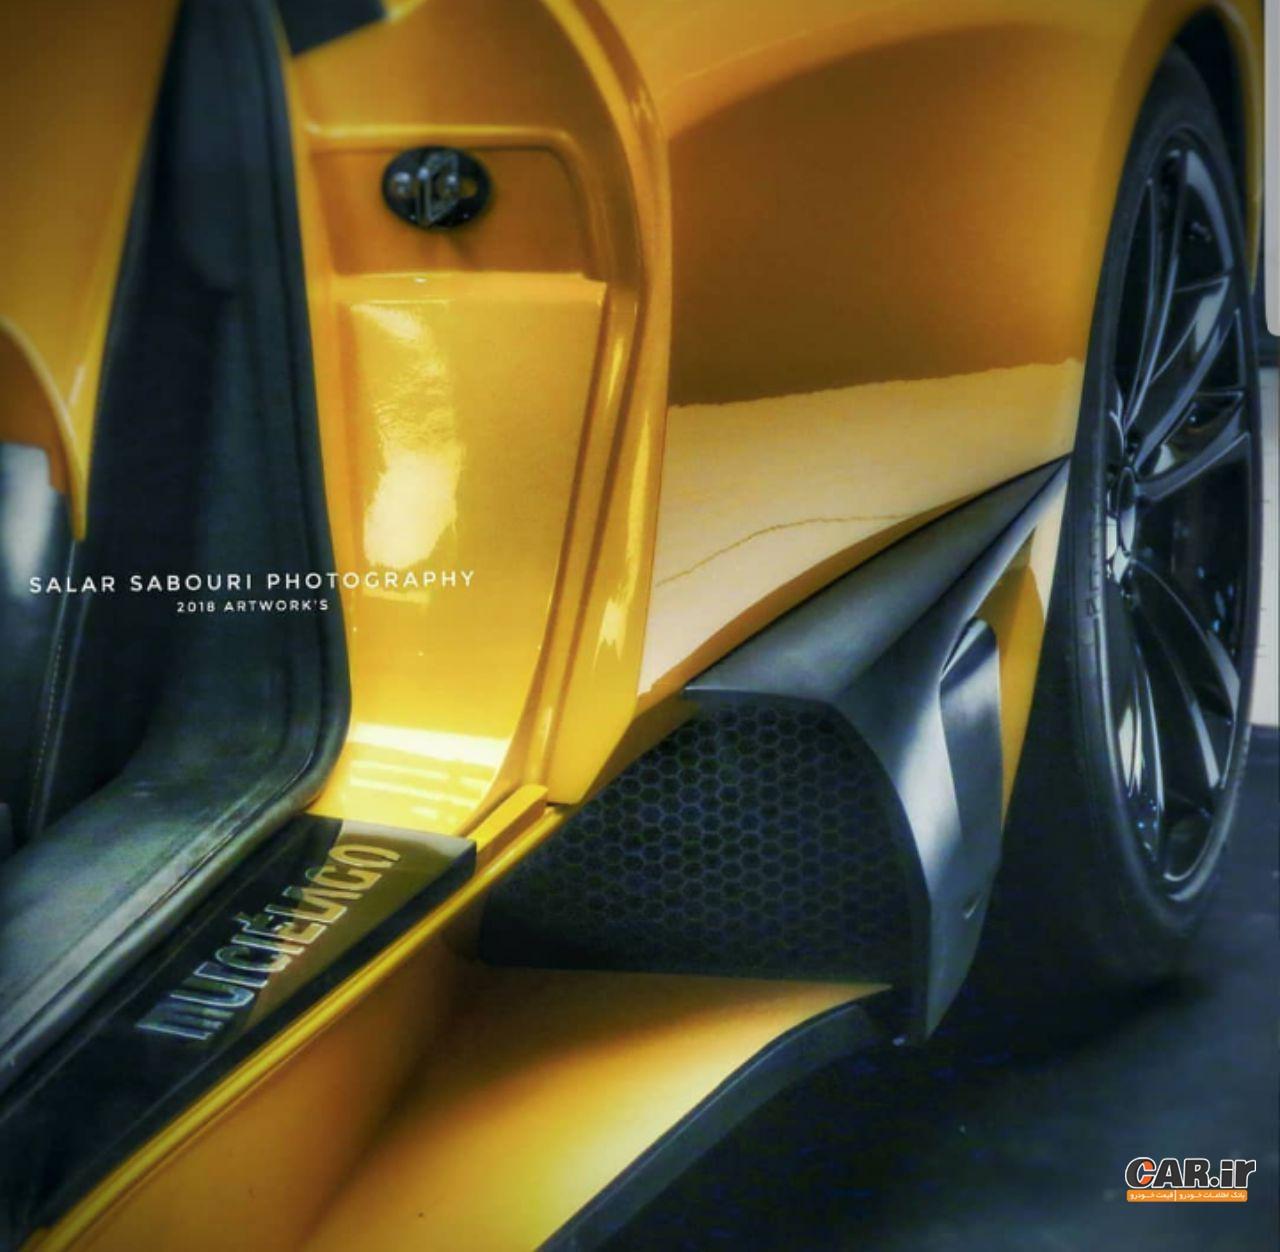 رونمایی از لامبورگینی ایرانی در نمایشگاه خودروی تبریز + عکس